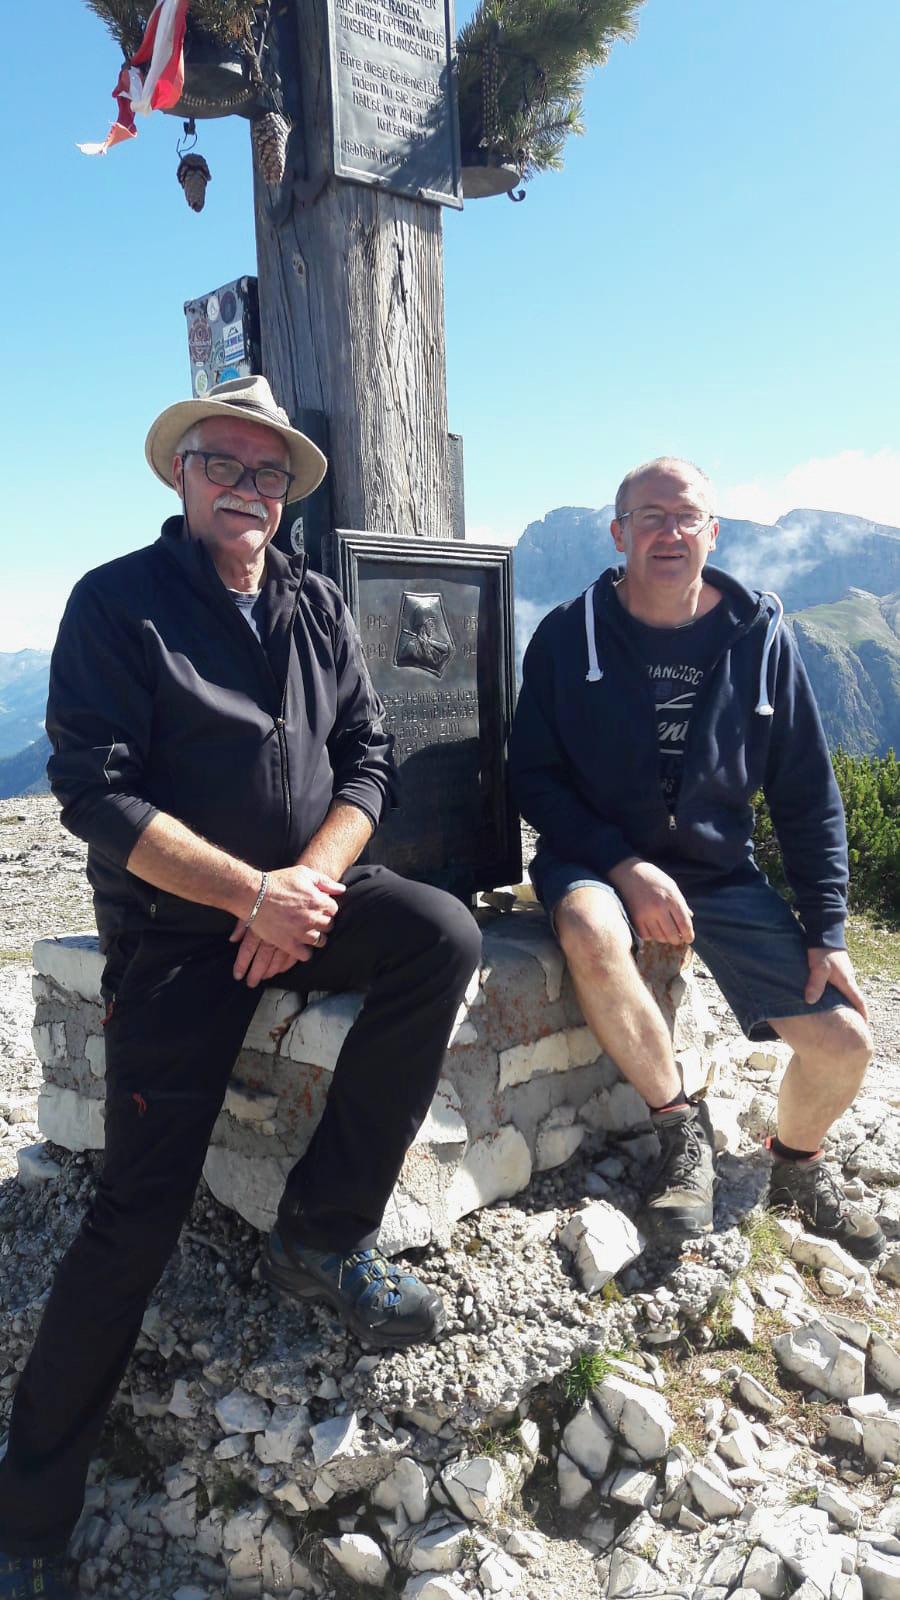 40 Jahre Heimkehrerkreuz am Strudelkopf, 04.09.2021